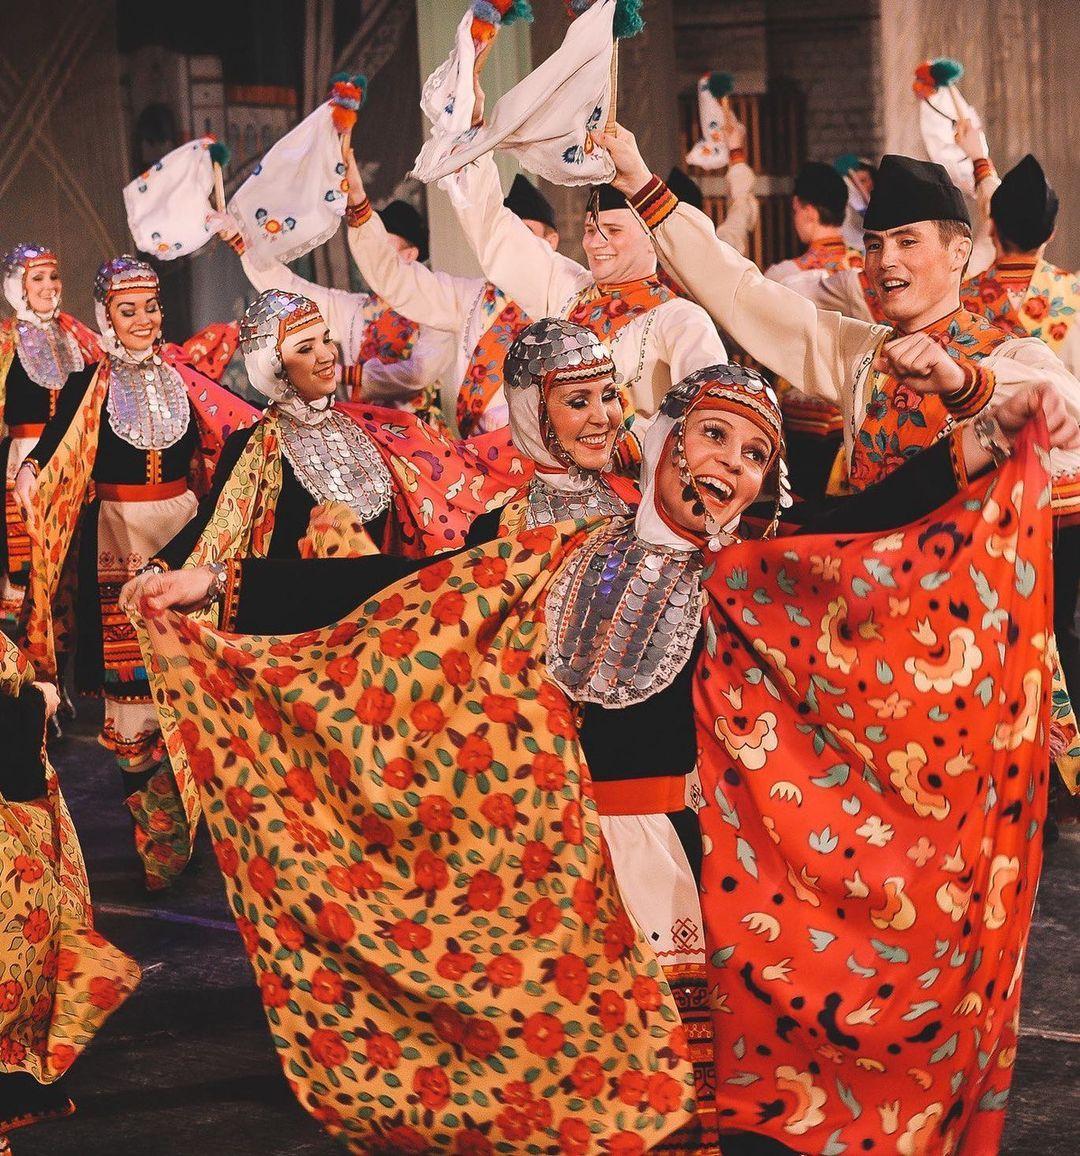 Фестиваль русской культуры «Вулкан искусств» стартовал в Неаполе